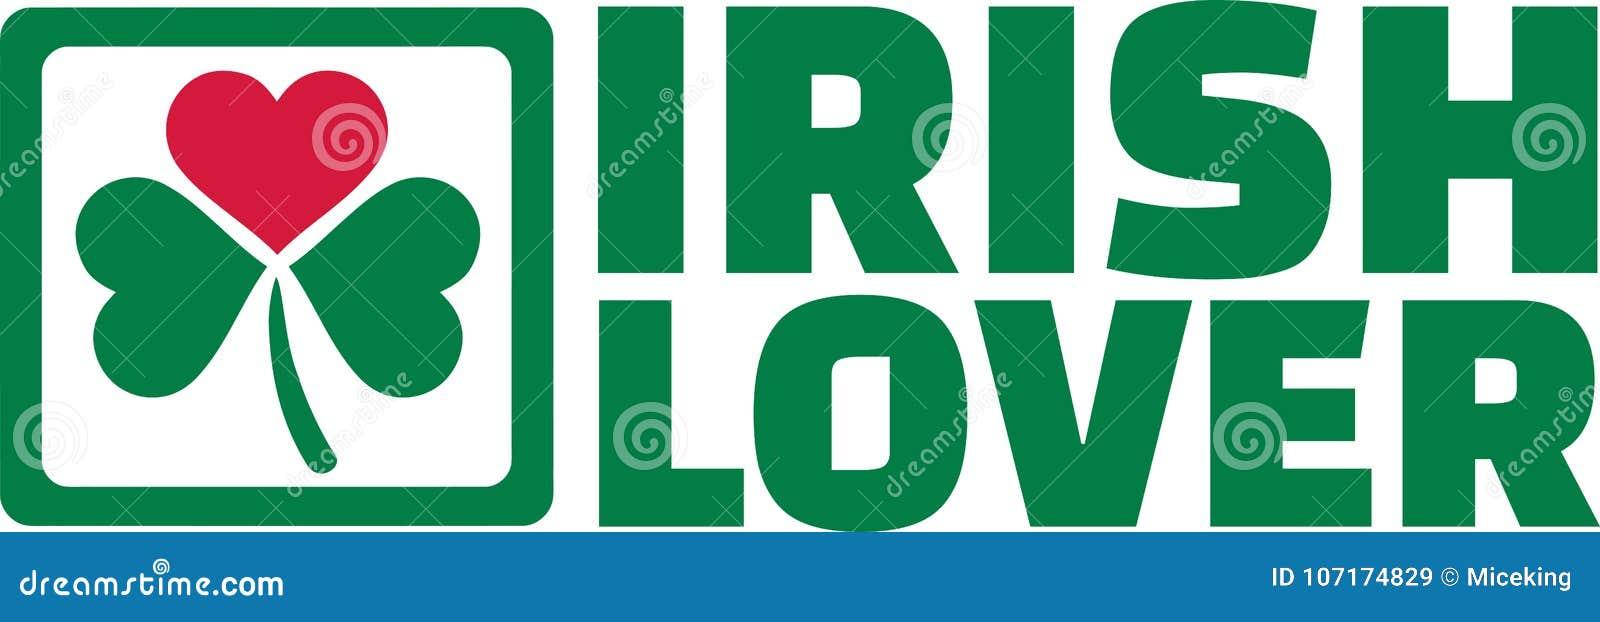 有绿色三叶草和红色心脏的爱尔兰恋人